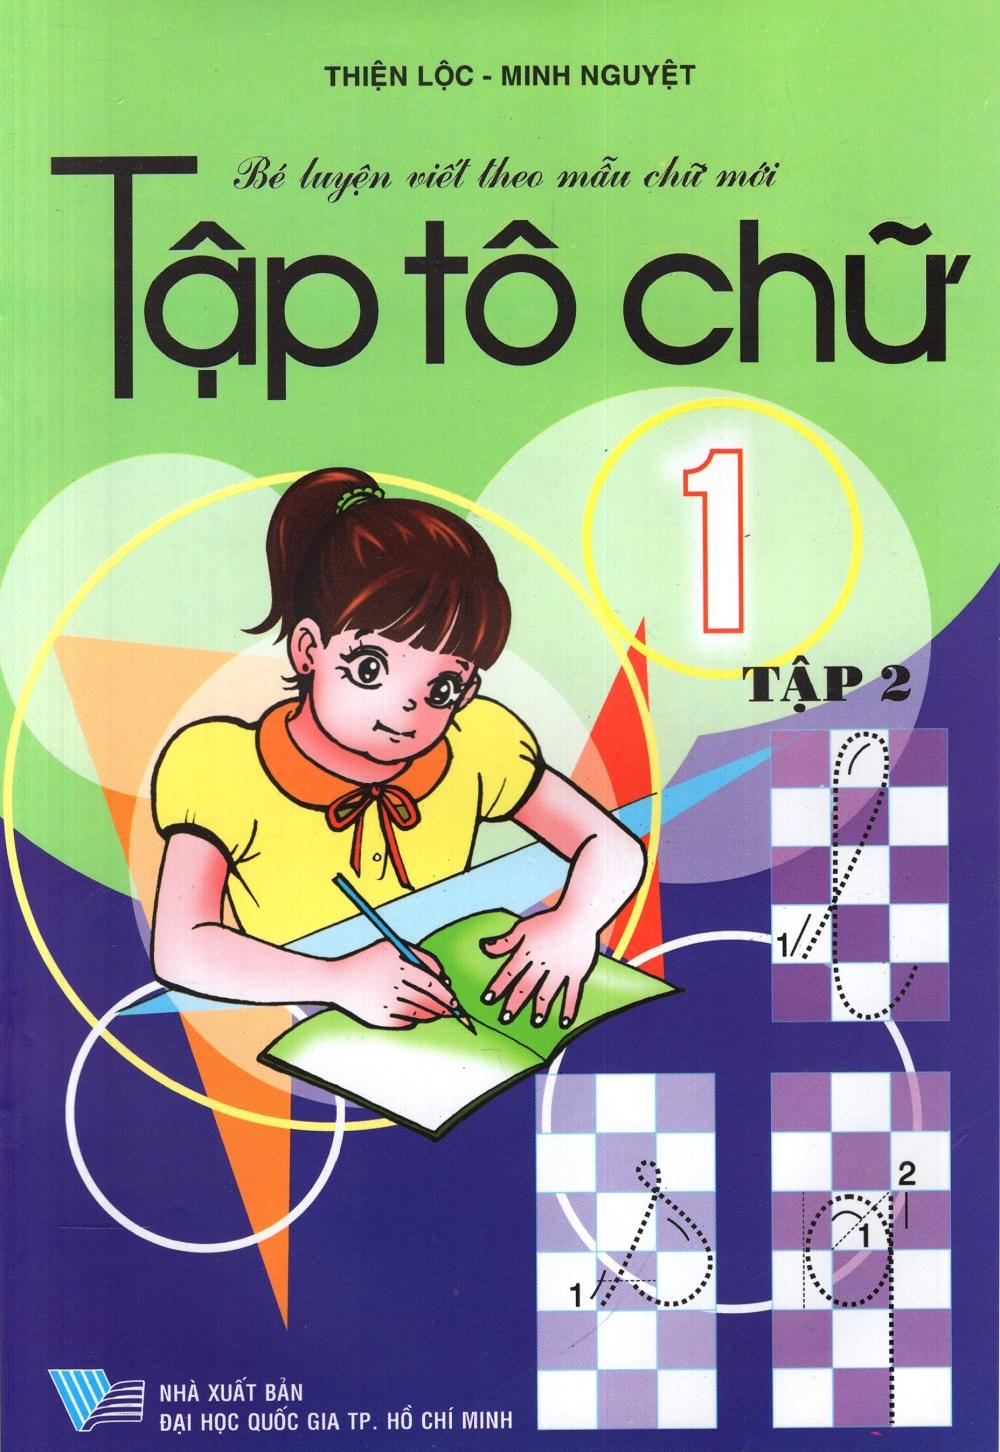 Bìa sách Tập Tô Chữ Lớp 1 (Tập 2) (2013)